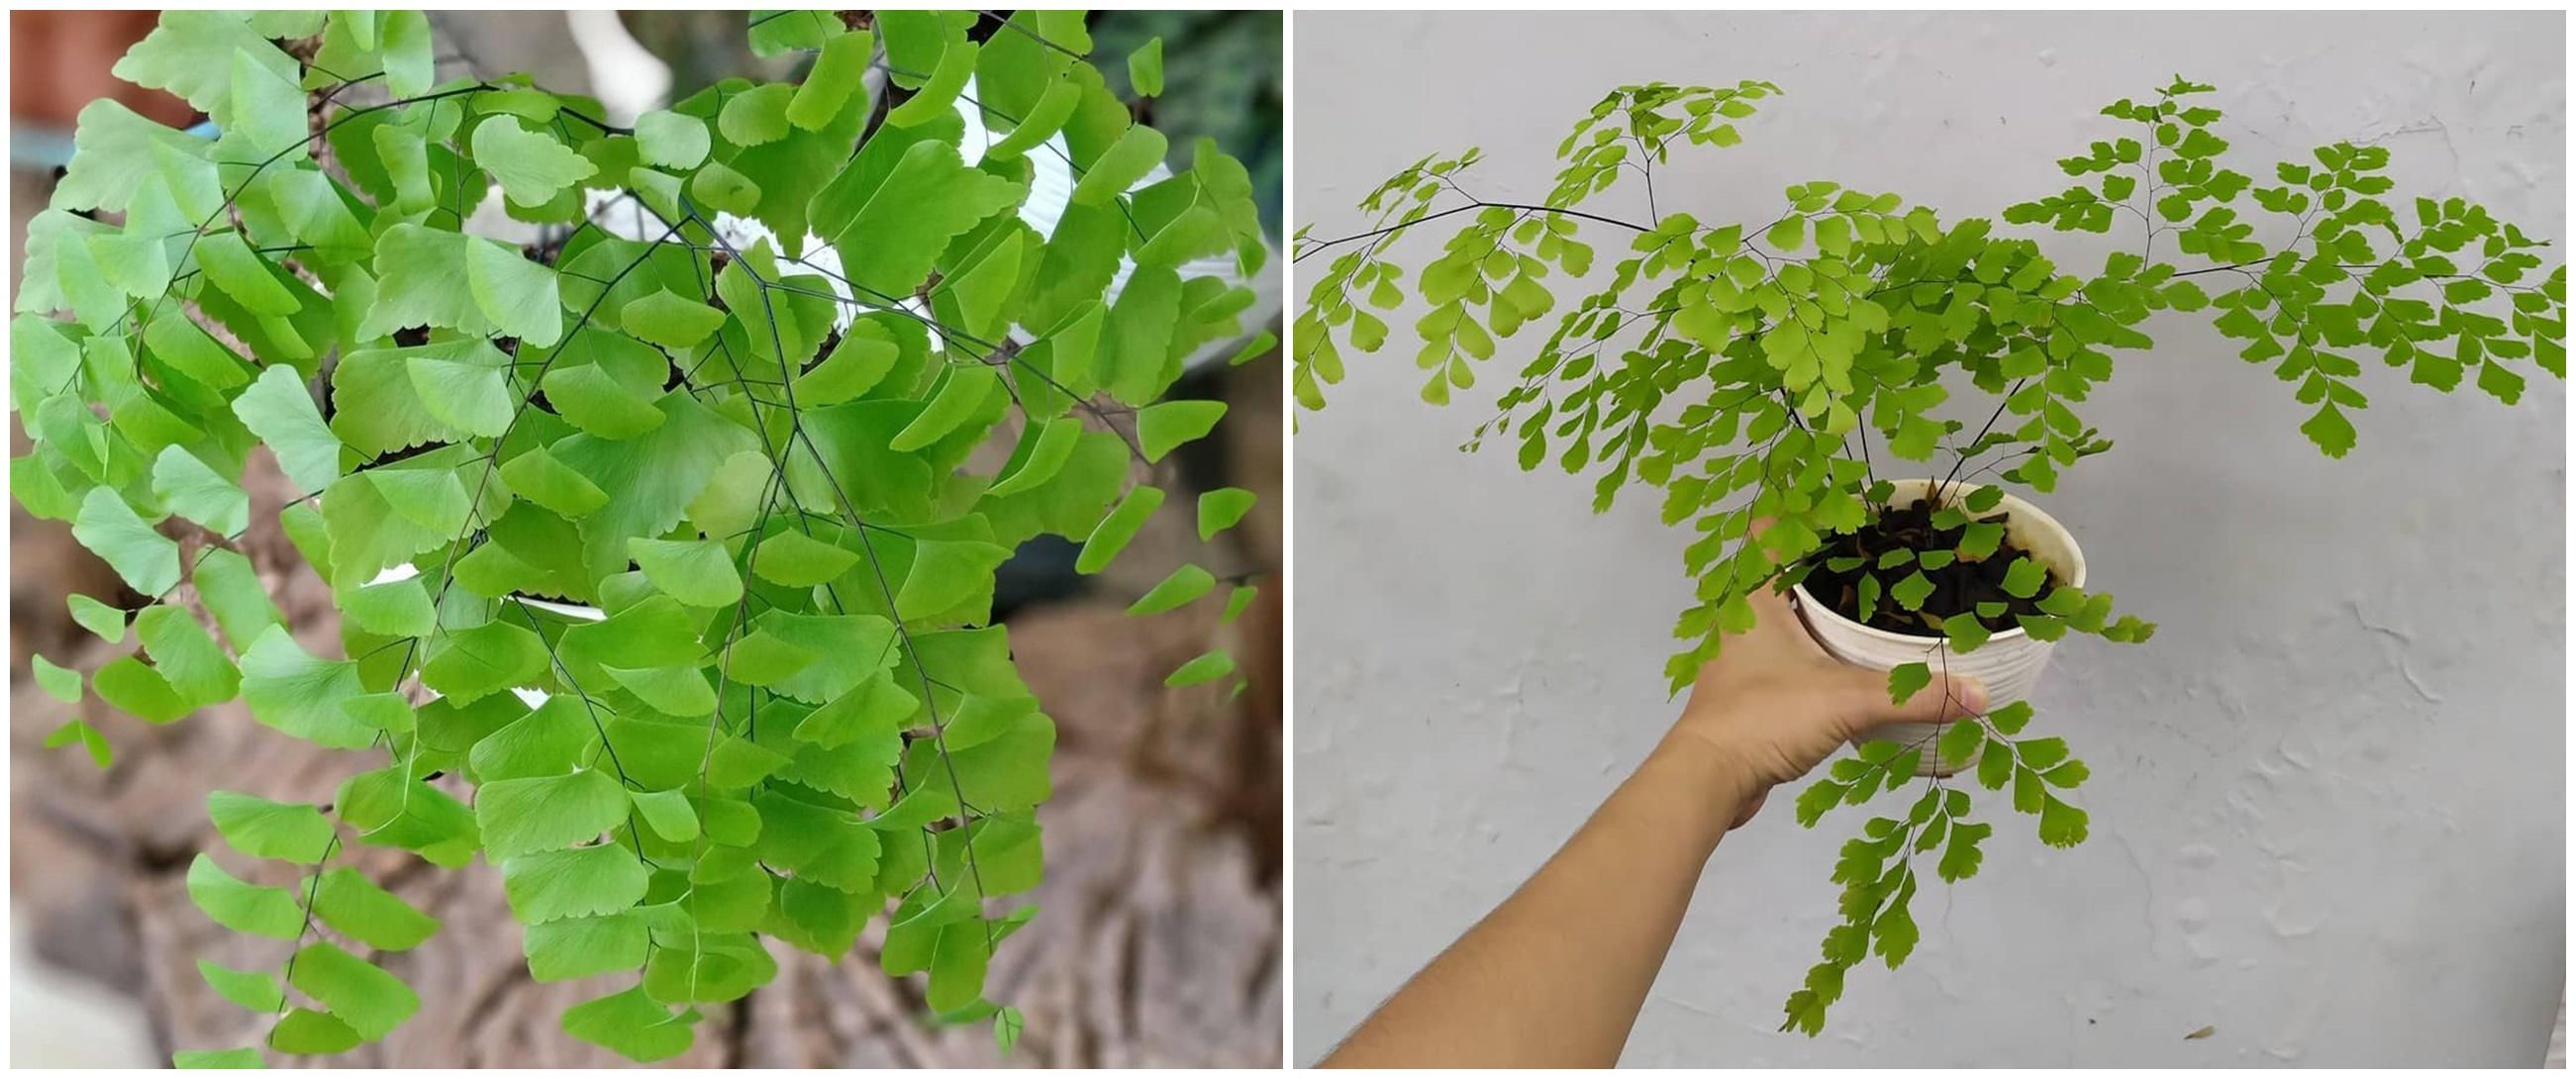 Cara merawat dan menanam tanaman hias daun suplir, menyejukkan rumah